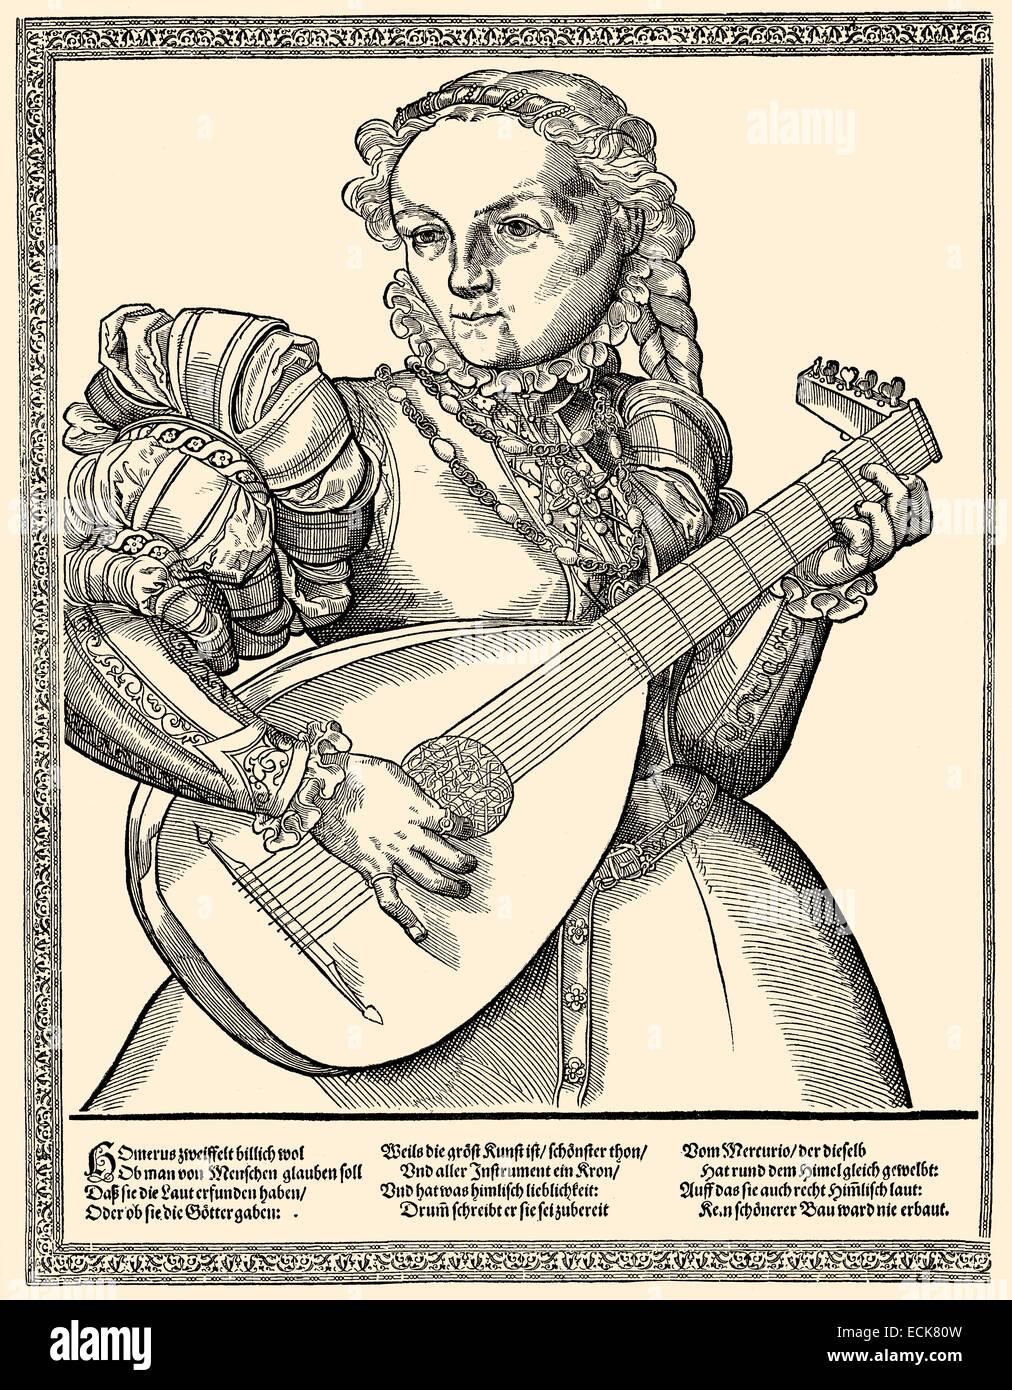 Lautenspieler, 16. Jahrhundert, Deutschland, Europa, Lautenspielerin, 16. Halbmonatsschrift, Deutschland, Europa Stockbild